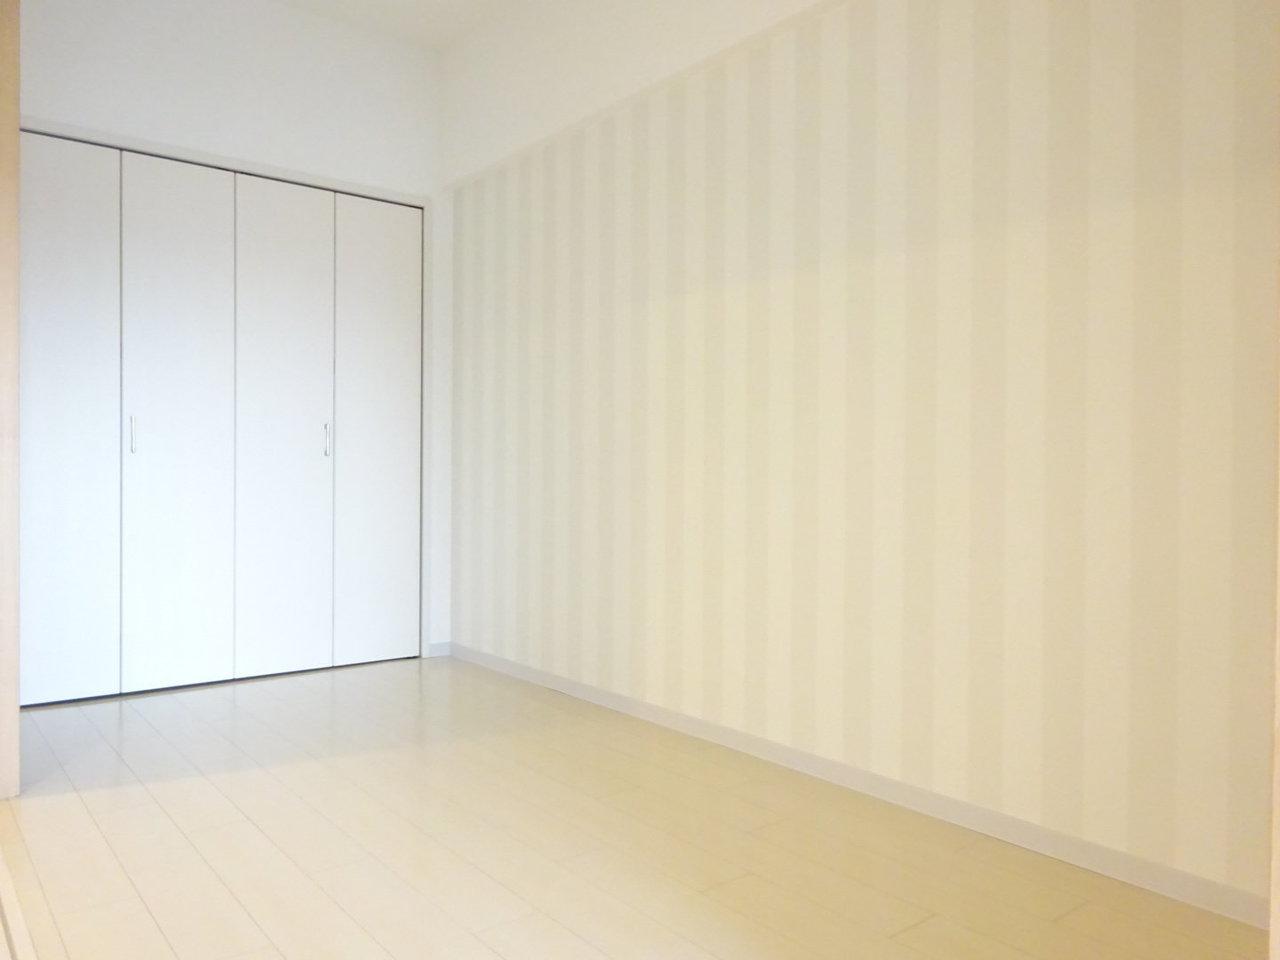 4.5畳の洋室の壁紙もシンプルで落ち着いた色合い。寝室にぴったりです。